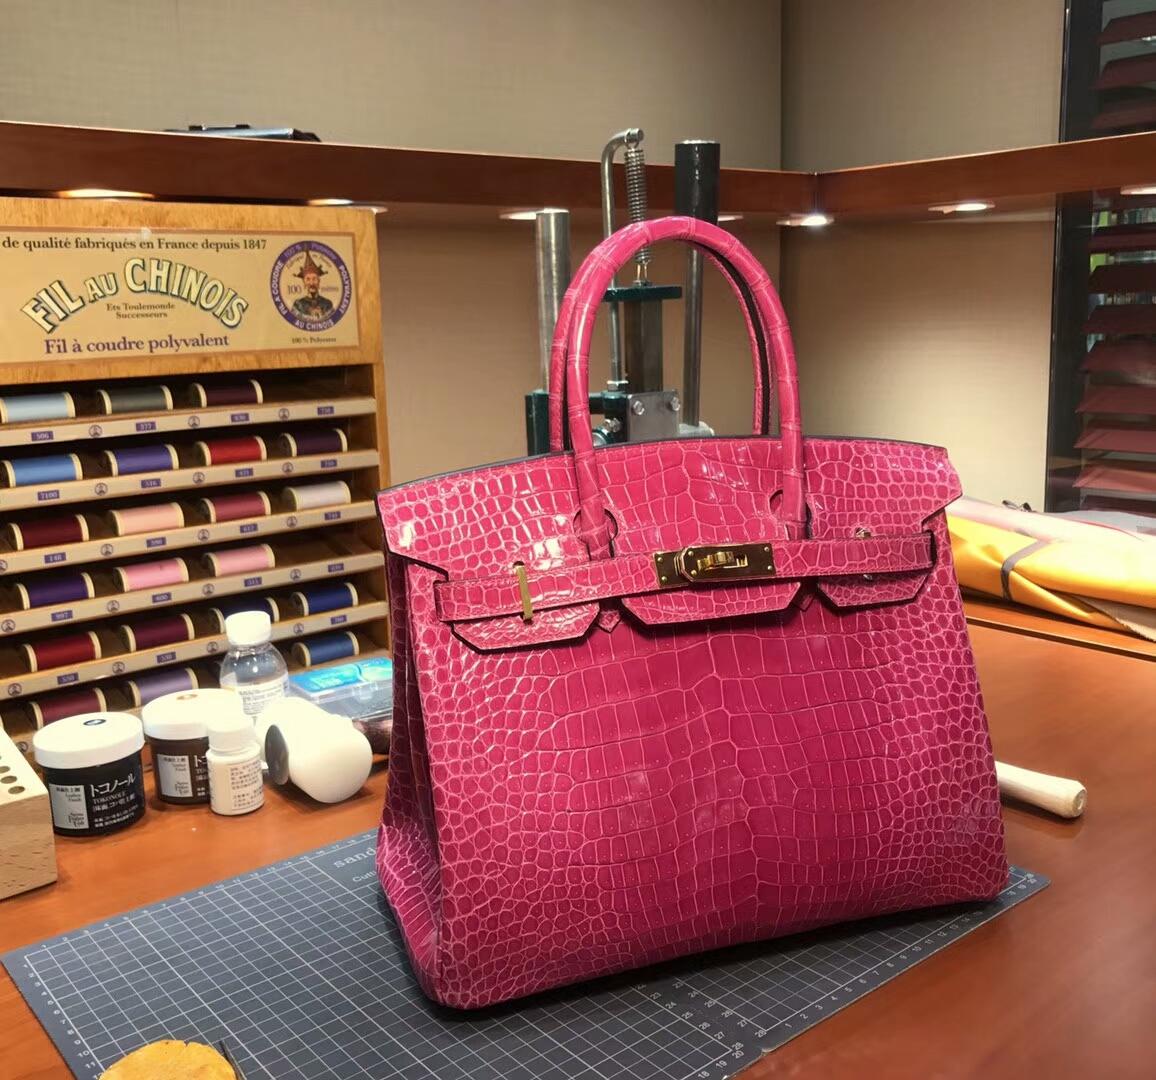 爱马仕 HERMES 铂金包 Birkin 配全套专柜原版包装 全球发售 5J桃粉色桃红色fuschiapink